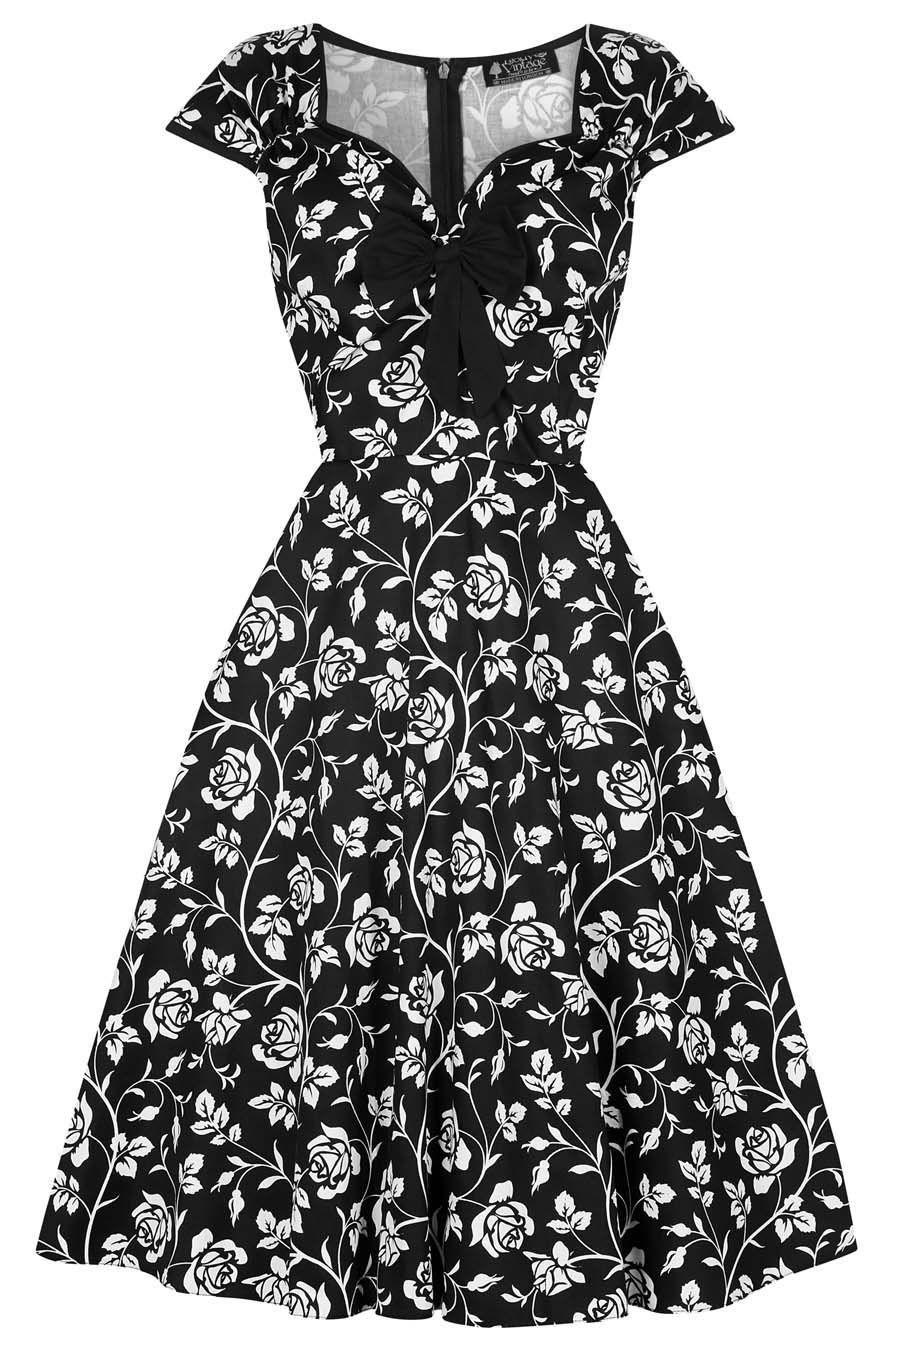 f6162eef4710 Černé šaty s bílými růžemi Lady V London Isabella Nádherné šaty z londýnské  módní dílny